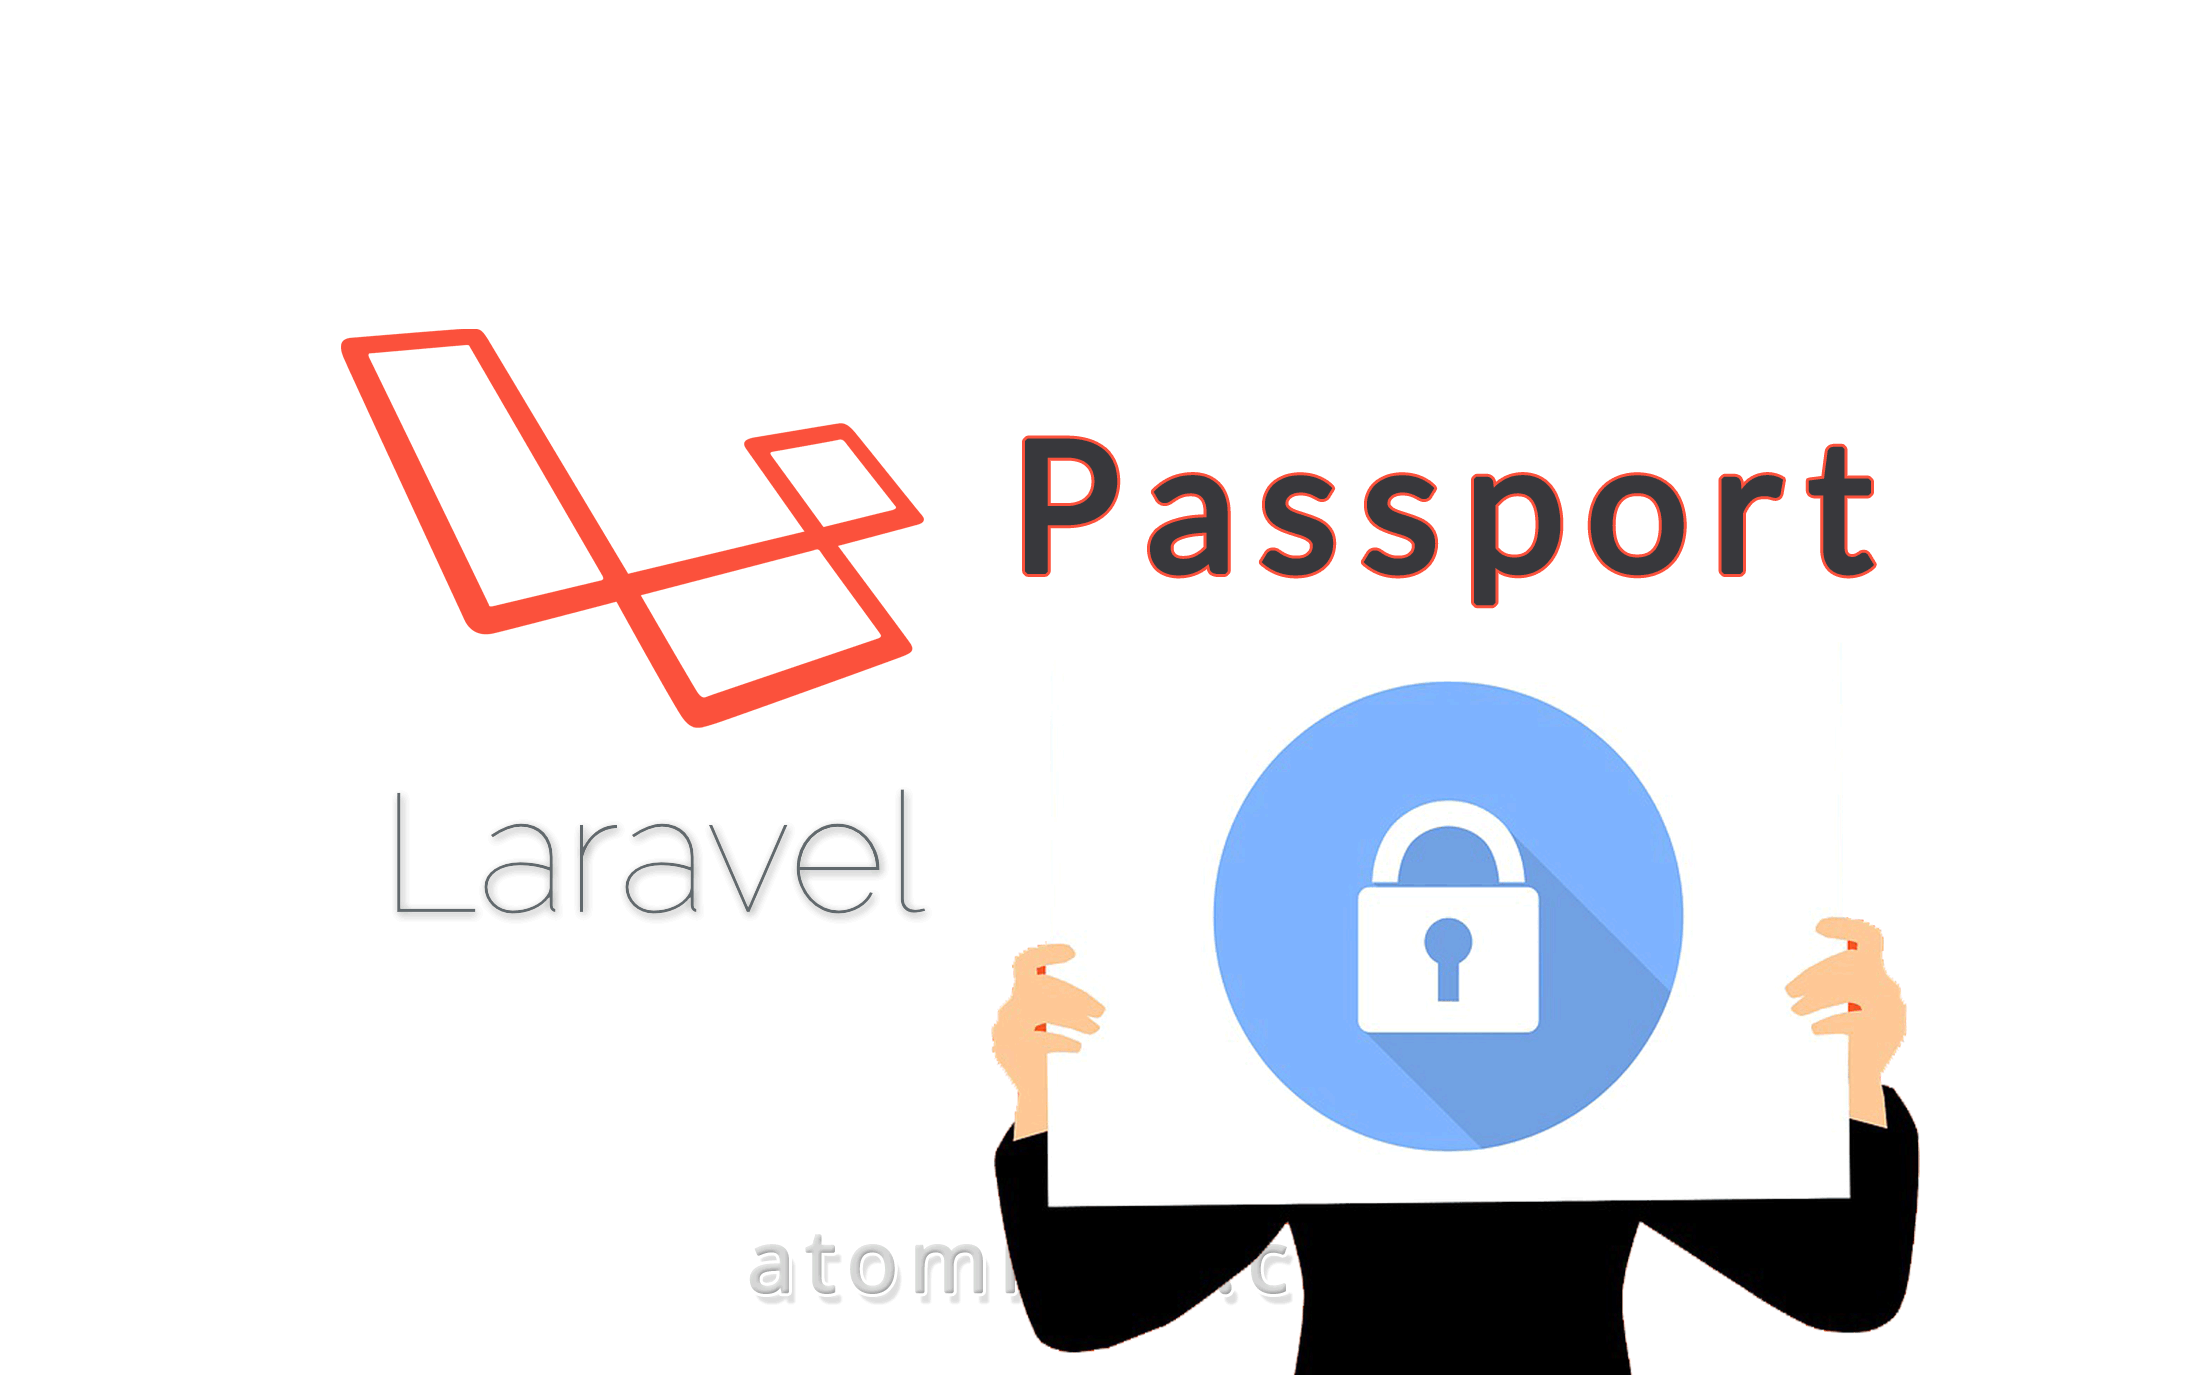 Authentification et autorisation avec Passport pour Laravel - Atomrace